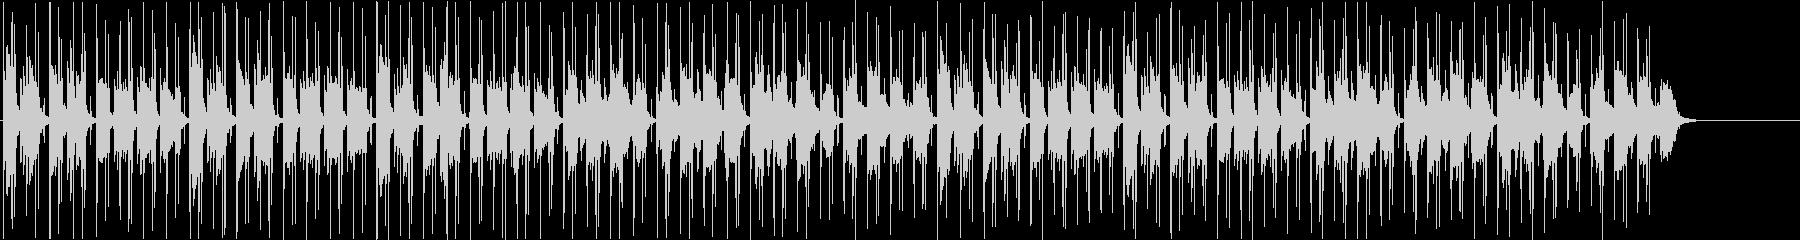 Hannon (Reprise)の未再生の波形